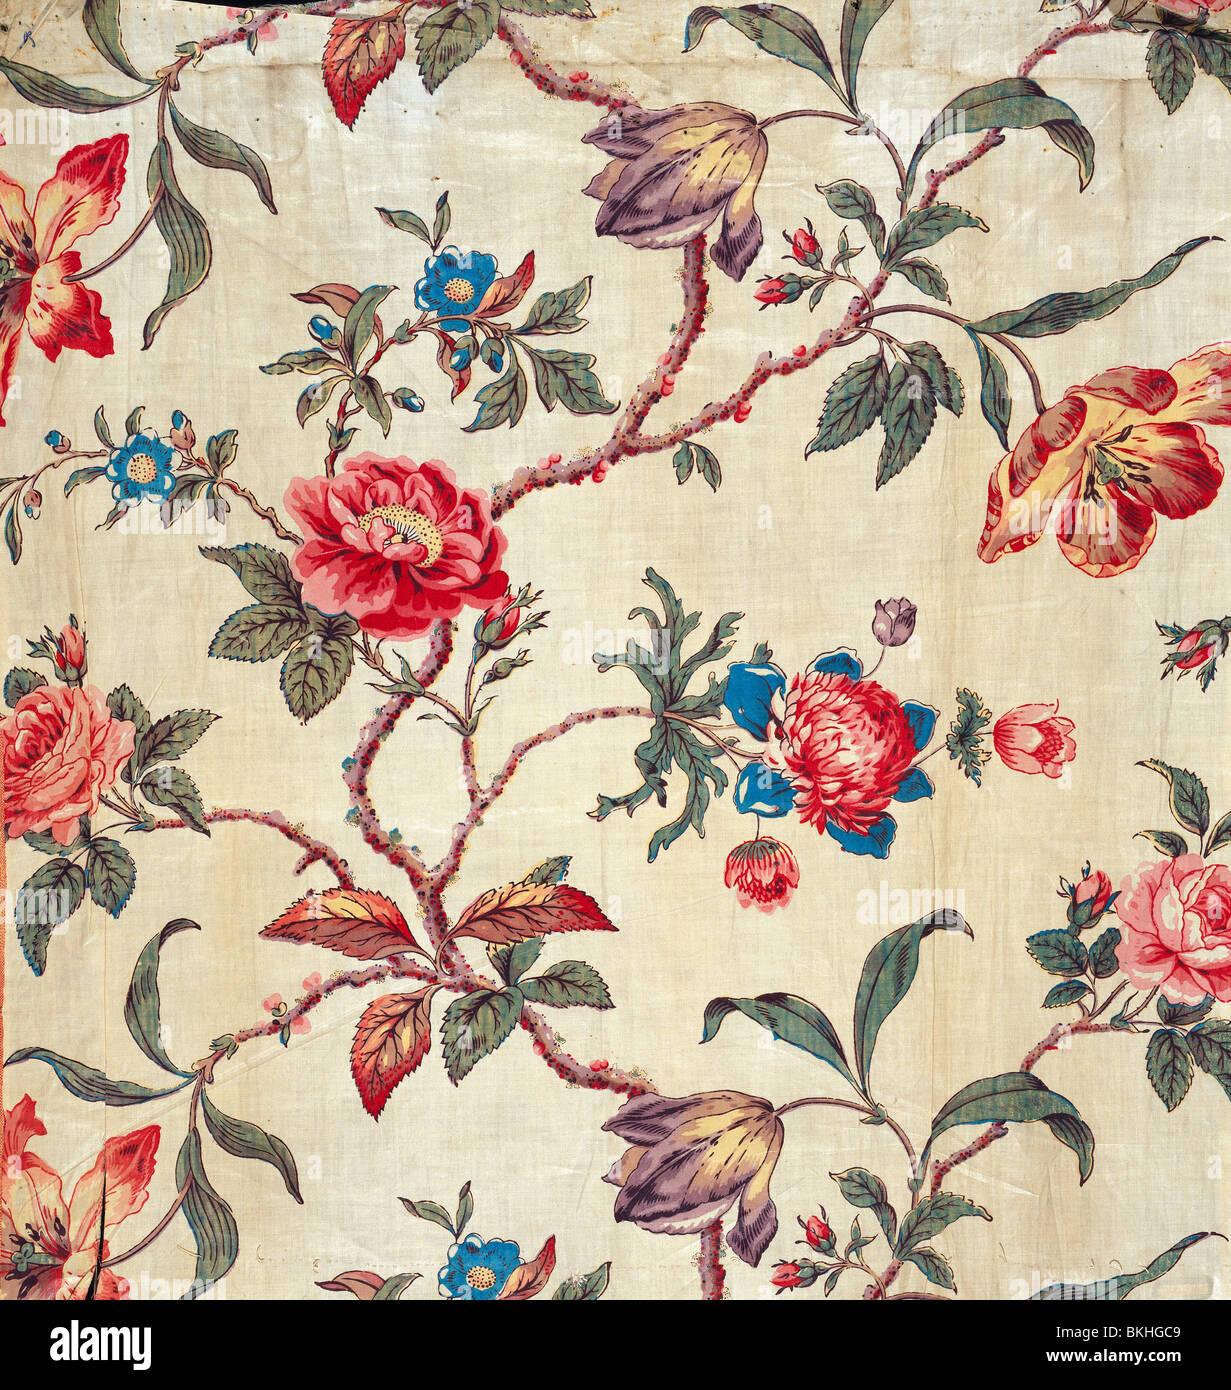 Motivo floreale. Inghilterra, metà del XIX secolo Immagini Stock